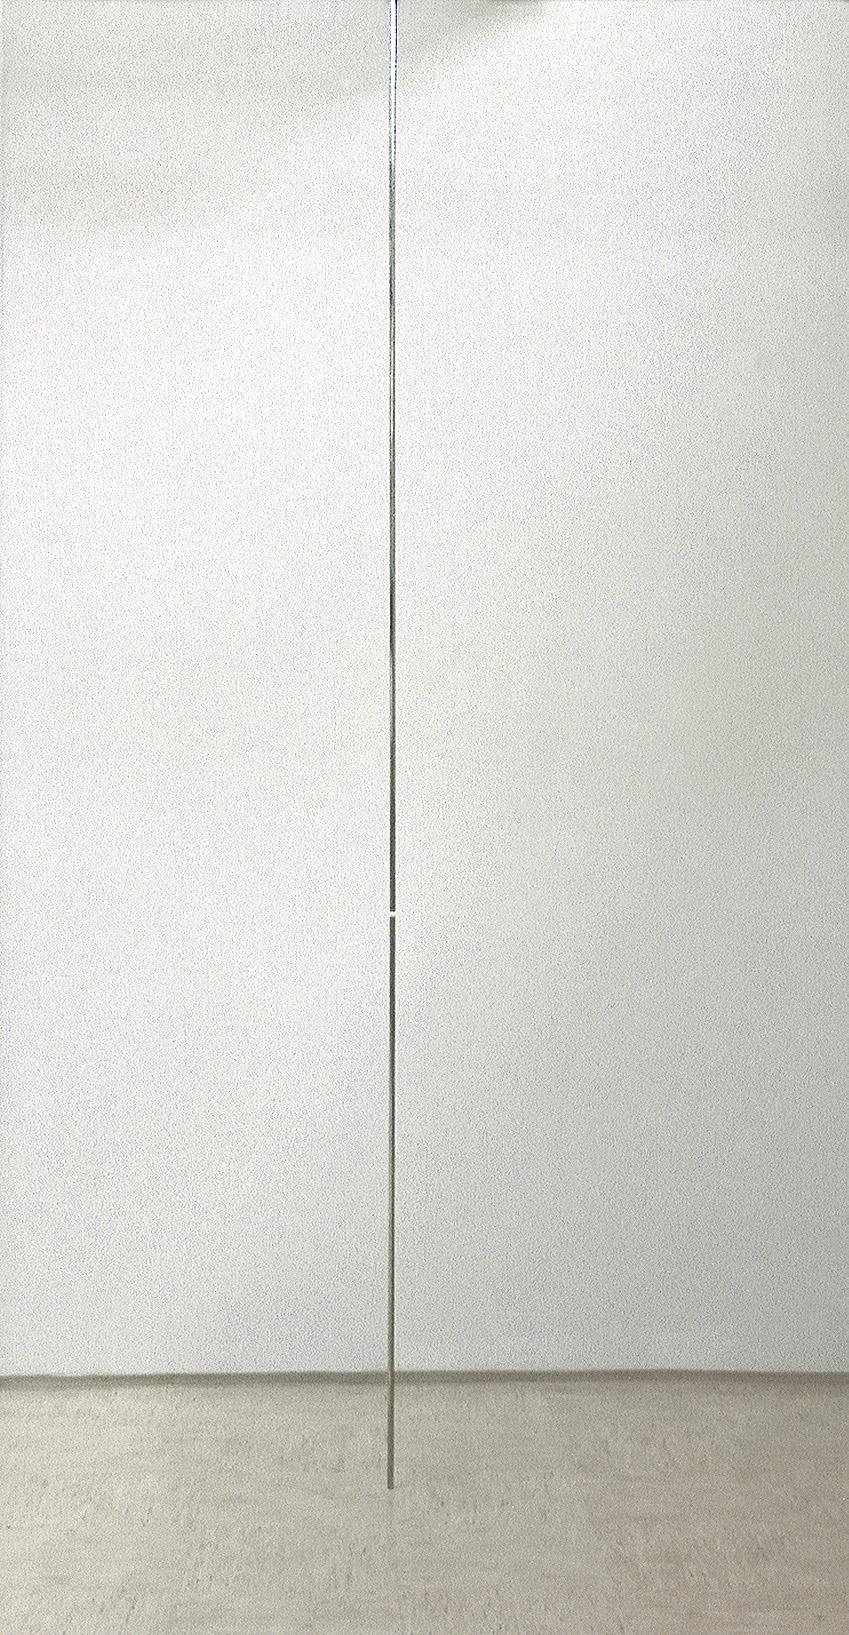 nerjaveče jeklo, 600 x 1,5 x 1,5  cm, 1998